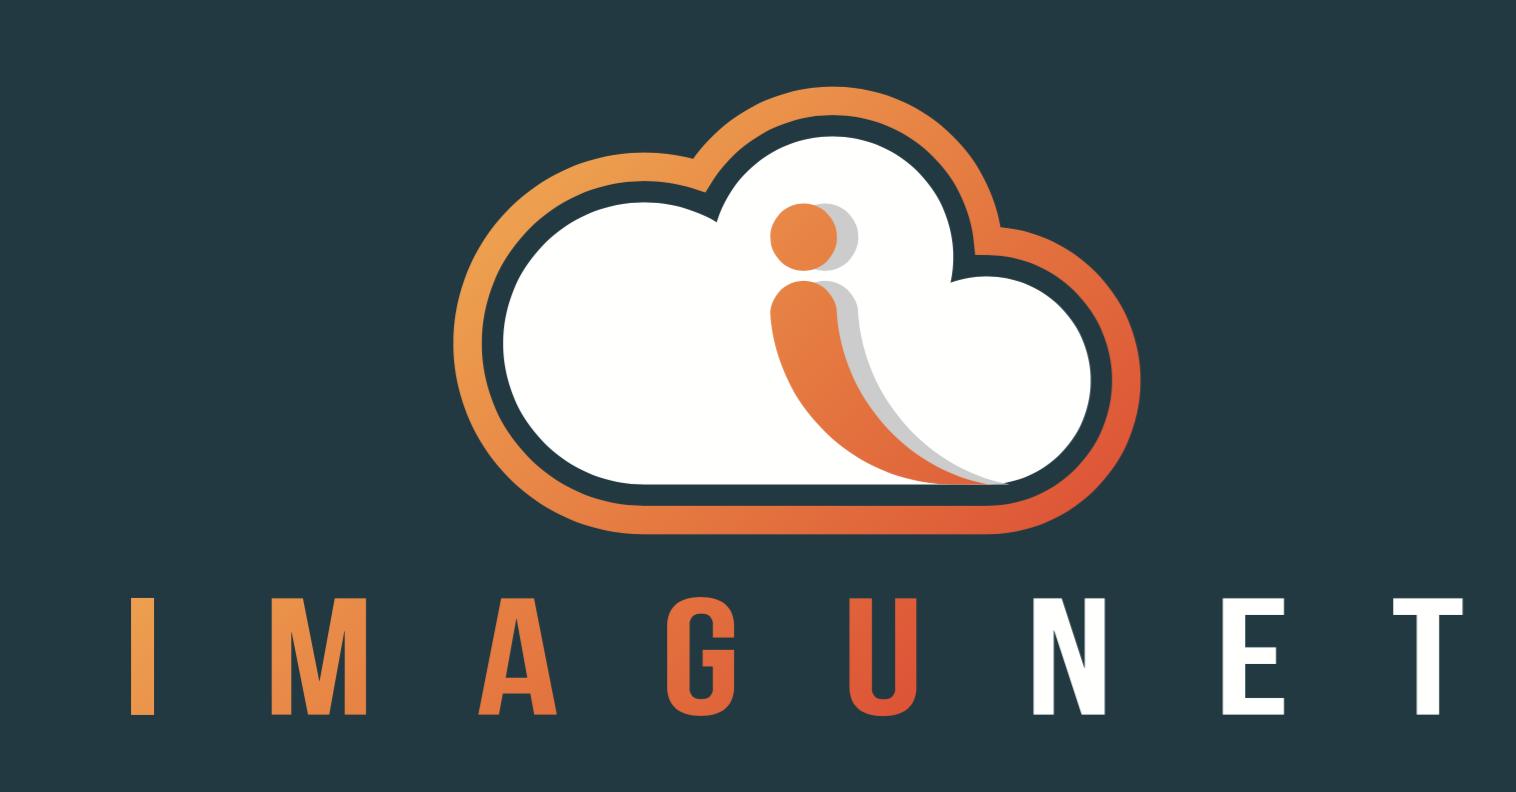 Imagunet Logo